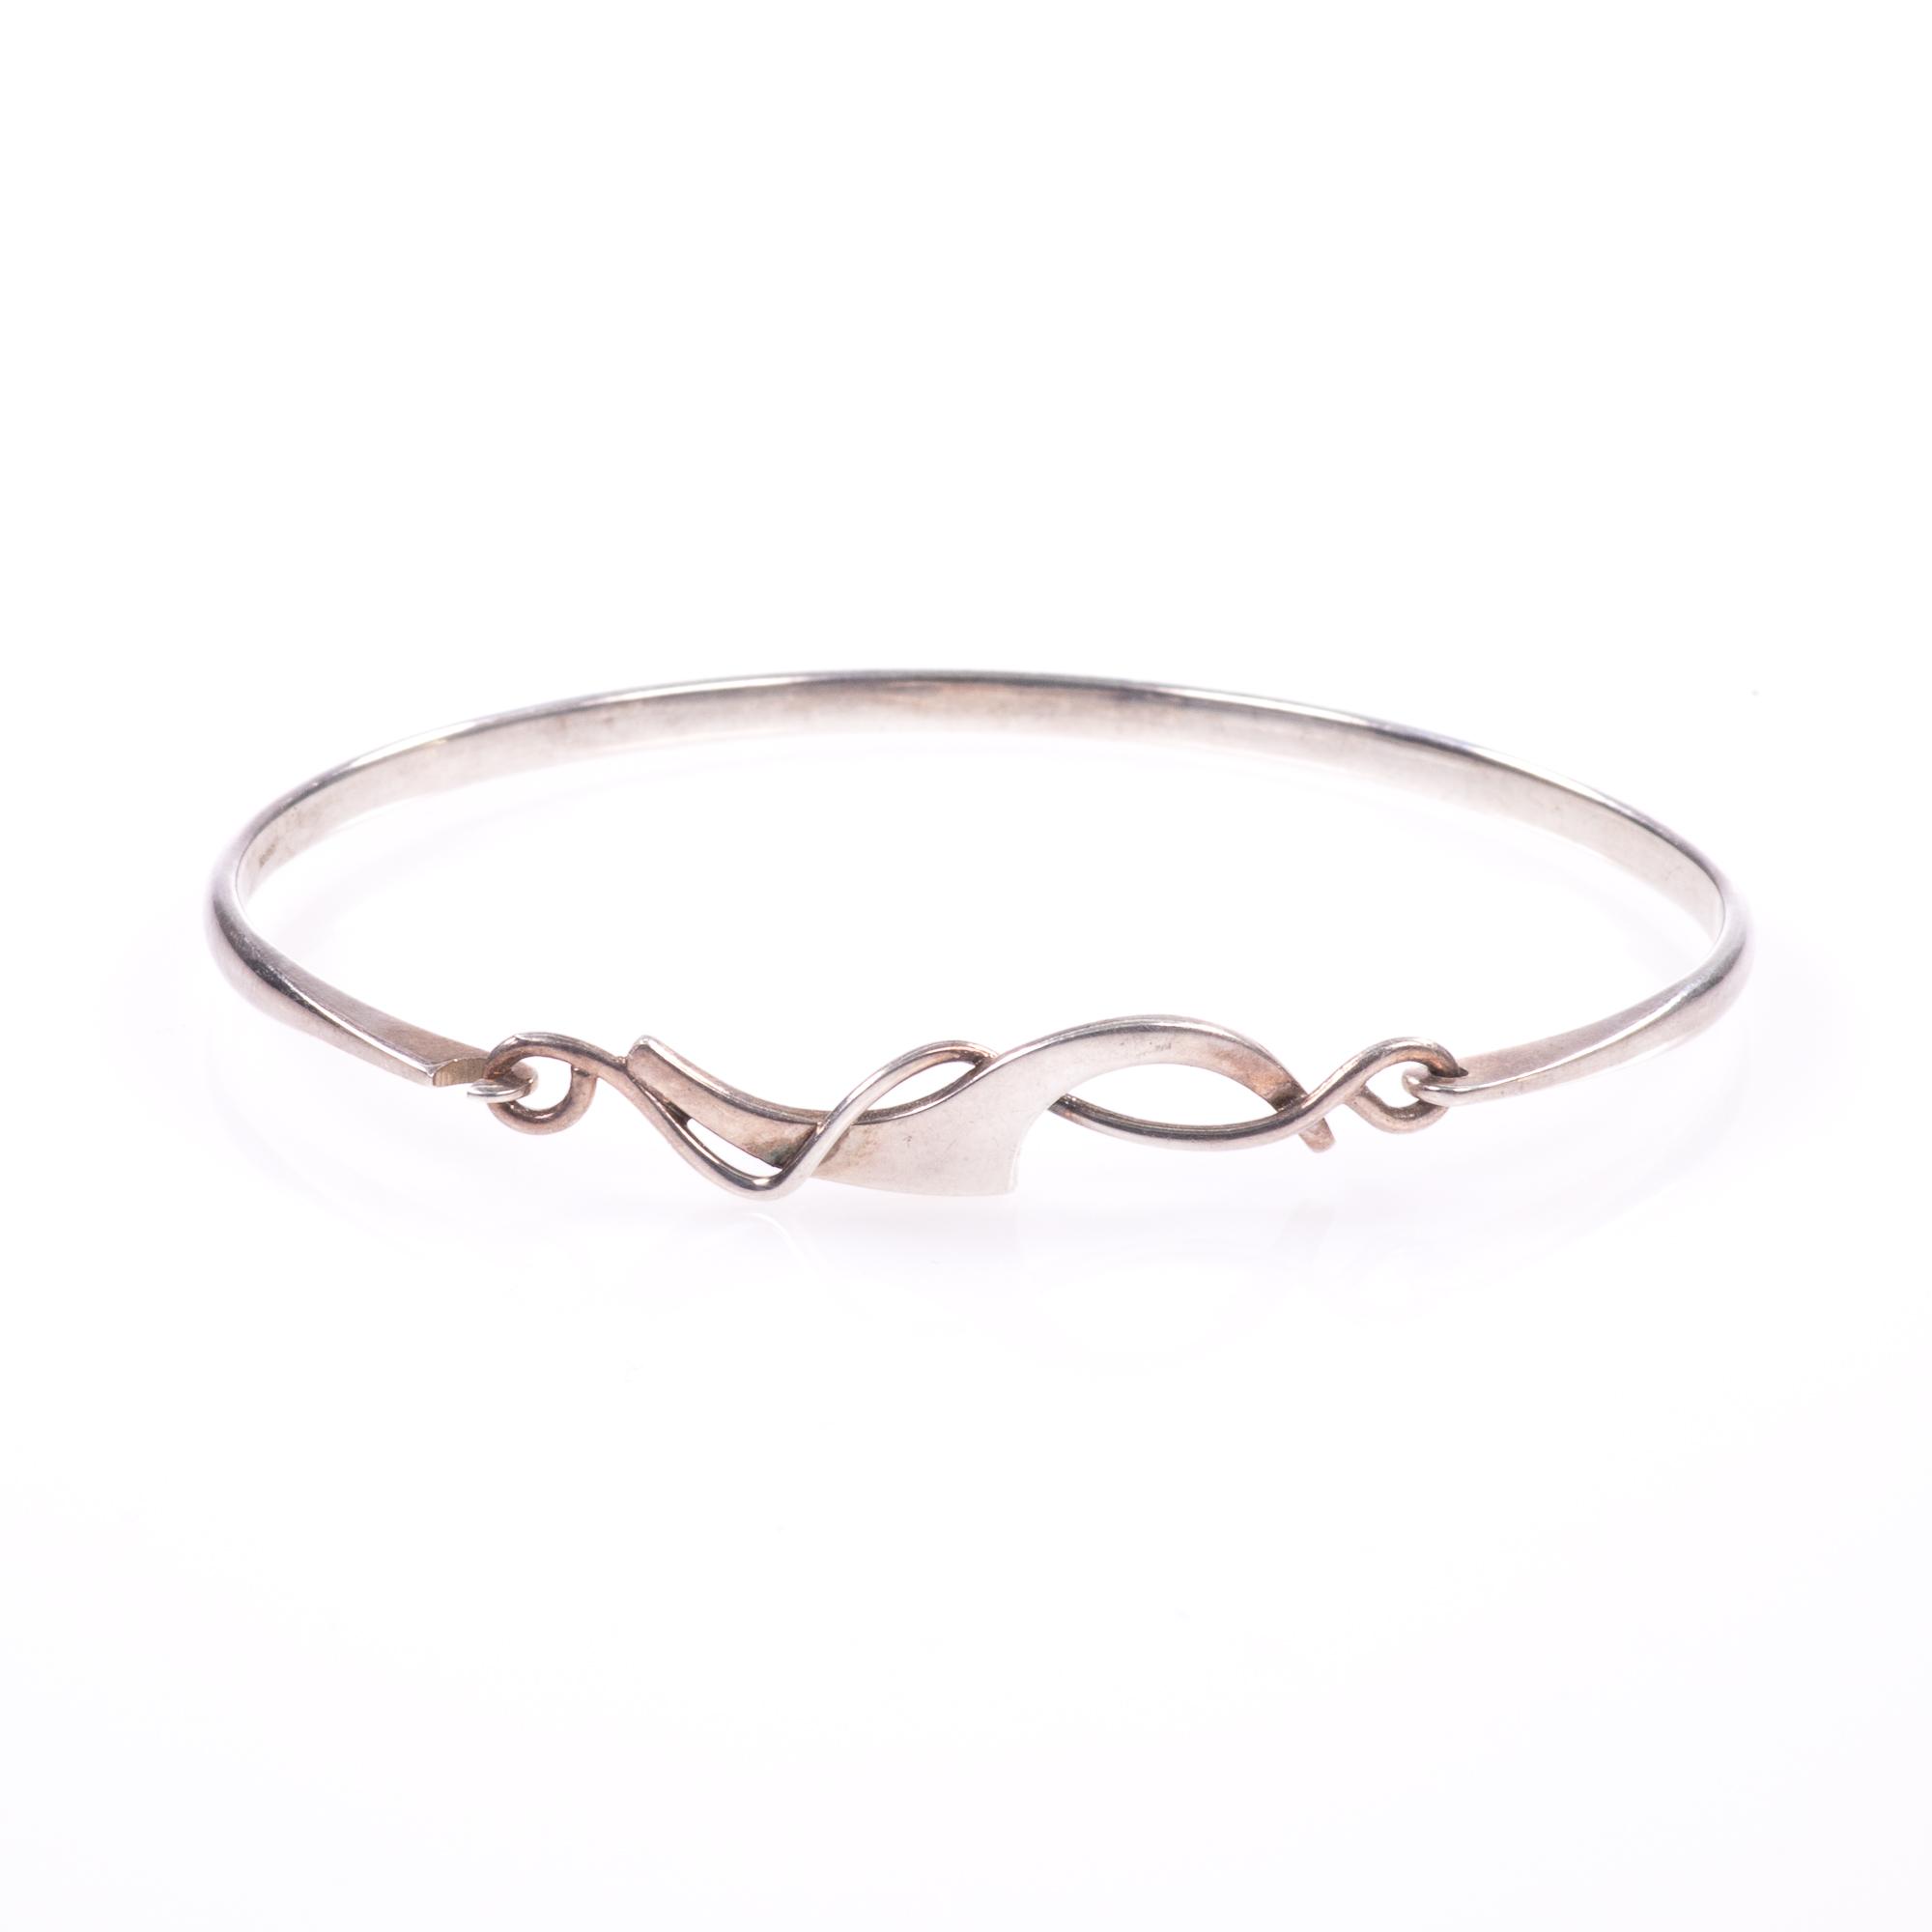 Silver Abstarct Modernist Bangle Bracelet - Image 9 of 9